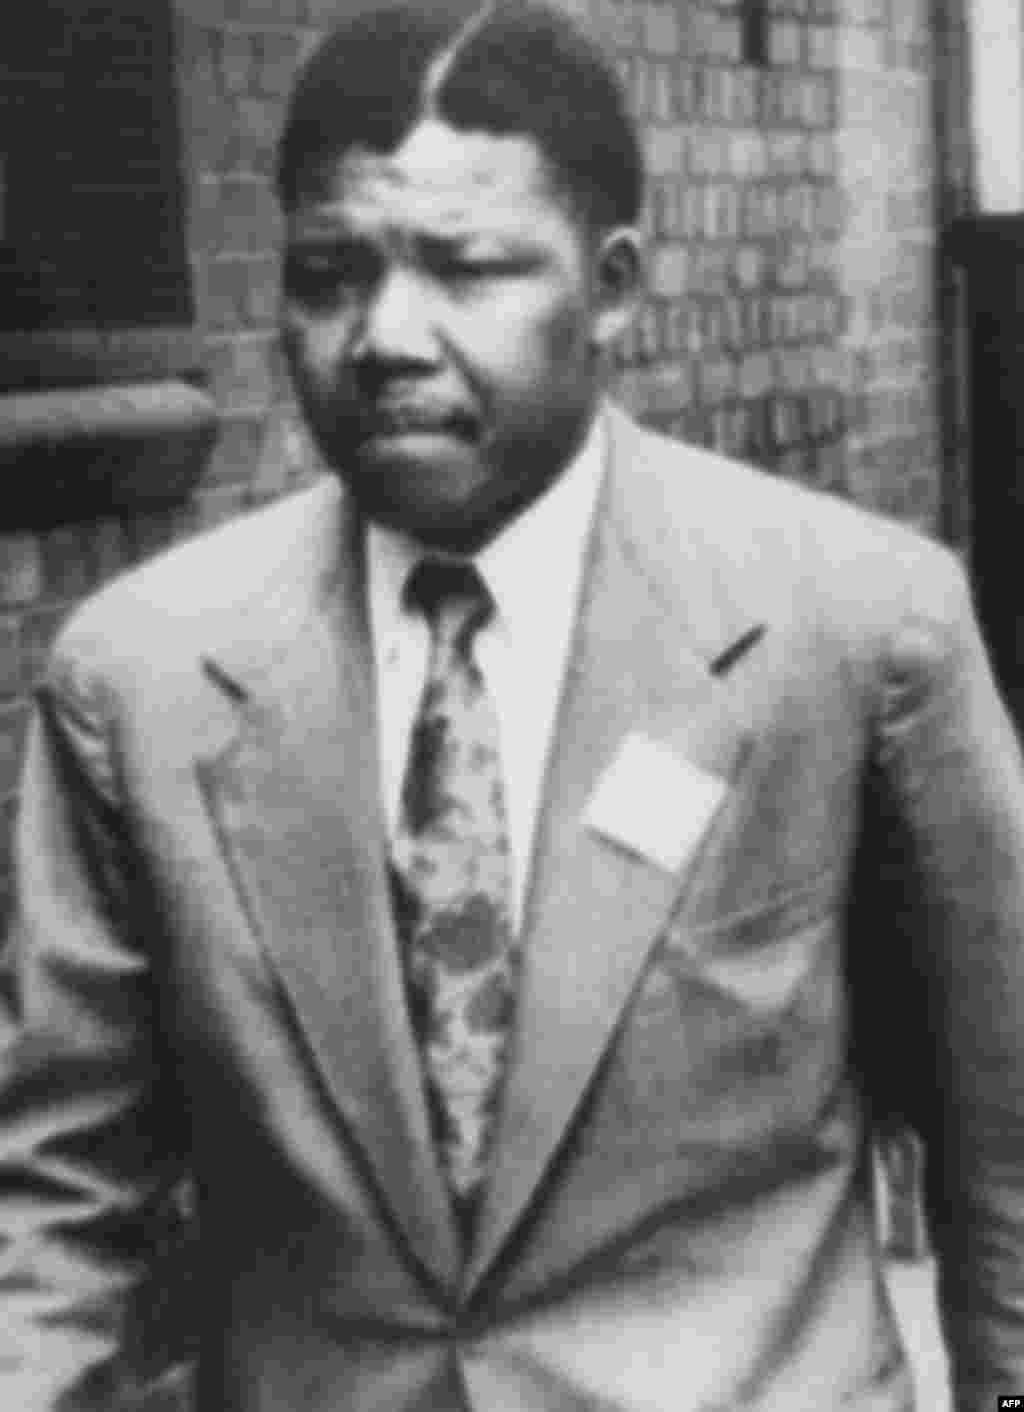 Нельсон Мандела в начале 1960-х годов, еще до назначения ему пожизненного тюремного срока в связи с обвинениями в саботаже.